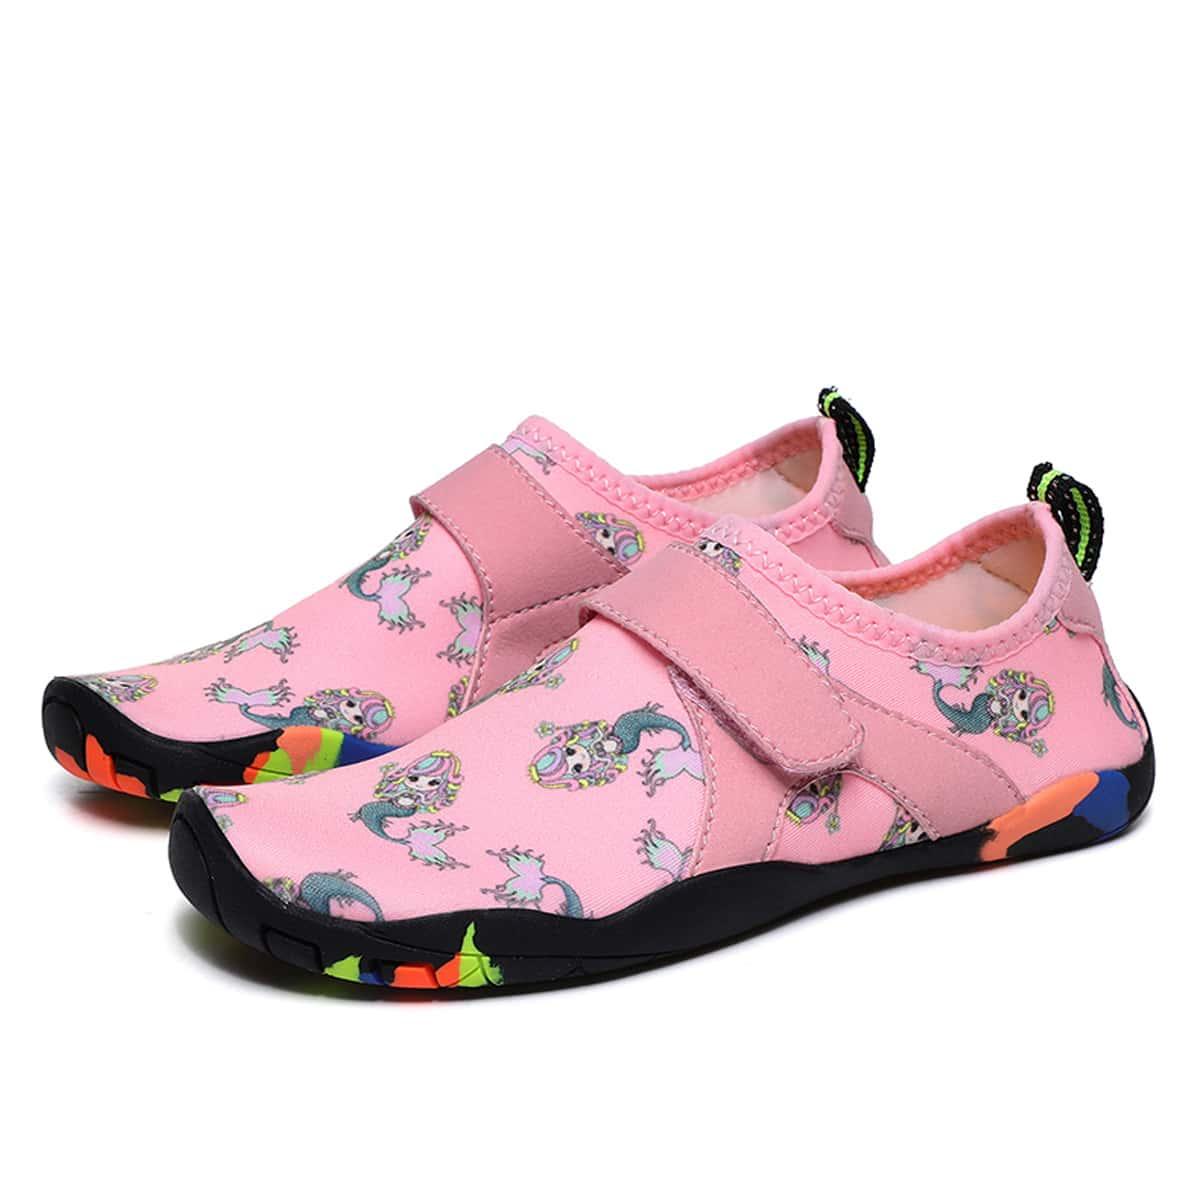 Обувь для воды на липучке с рисунком русалки для мальчиков от SHEIN